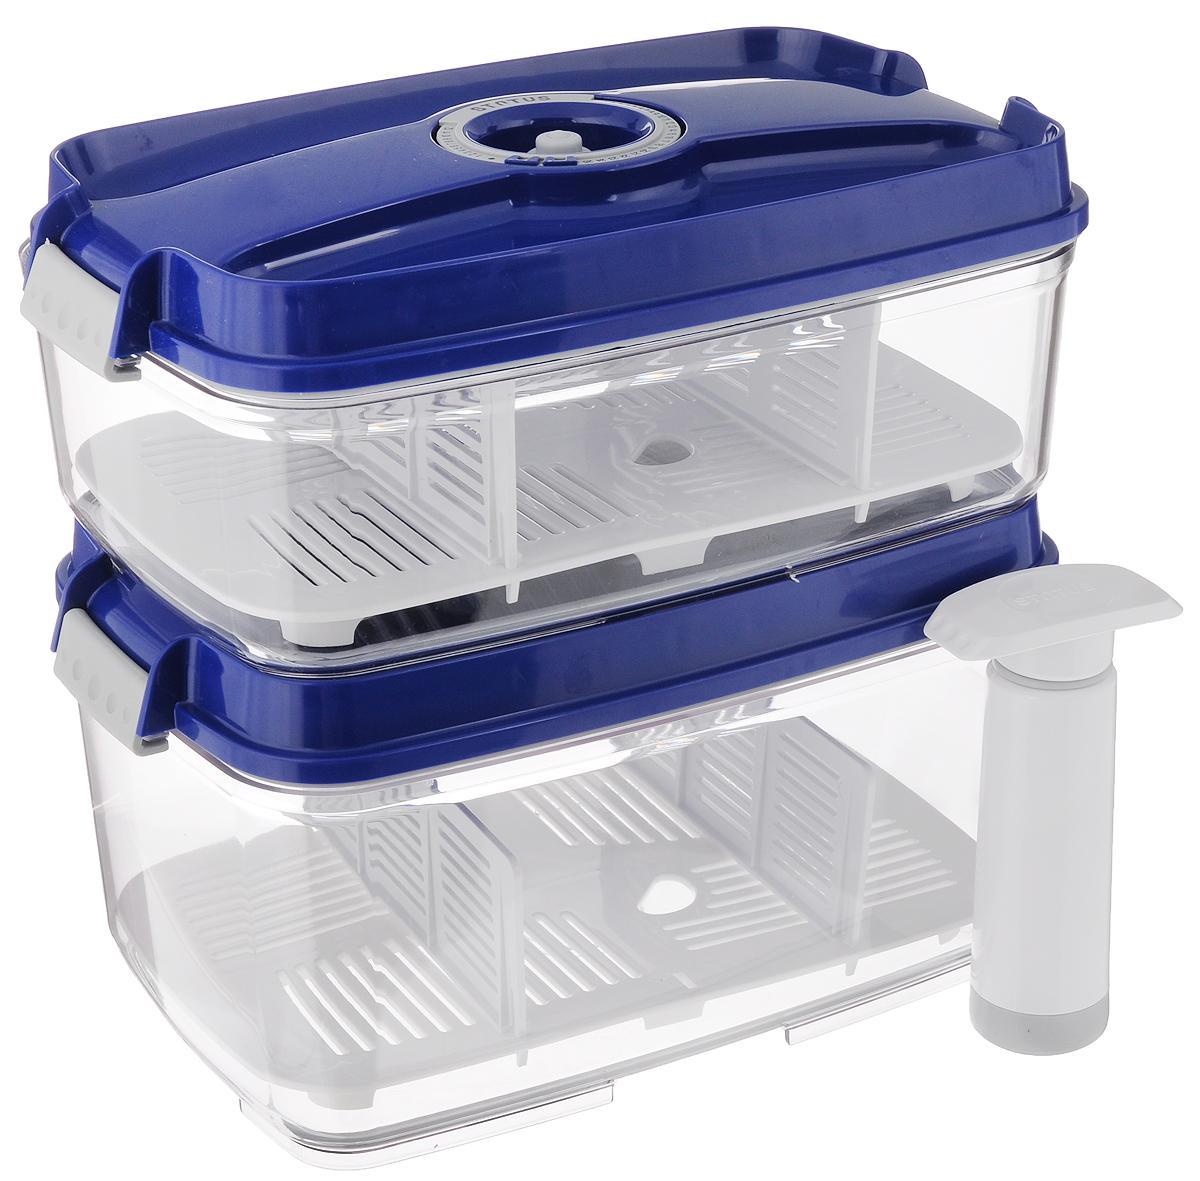 """Набор вакуумных контейнеров """"Status"""" выполнен из  хрустально-прозрачного прочного тритана.  Благодаря вакууму, продукты не подвергаются  внешнему воздействию, и срок хранения  значительно увеличивается, сохраняют свои  вкусовые качества и аромат, а  запахи в холодильнике не перемешиваются.  Допускается замораживание до -21°C, мойка  контейнеров в посудомоечной машине, разогрев в  СВЧ (без крышки).  Рекомендовано хранение следующих продуктов:  макаронные изделия, крупа, мука, кофе в зёрнах,  сухофрукты, супы, соусы.  Каждый контейнер имеет индикатор даты, который  позволяет отмечать дату конца срока годности  продуктов.  К каждому контейнеру прилагаются 2 разделителя и поддон. В комплекте также имеется  вакуумный ручной насос, с помощью которого одним простым движением можно быстро  выкачать воздух из контейнера. Объем первого контейнера: 3 л. Объем второго контейнера: 4,5 л. Размер двух контейнеров (по верхнему краю): 27 х 18,5 см. Высота первого контейнера (без учета крышки): 8,5 см. Высота второго контейнера (без учета крышки): 12,5 см. Высота первого контейнера (с учетом крышки): 11,5 см. Высота второго контейнера (с учетом крышки): 15,5 см. Размер поддонов: 25,5 х 16,5 см. Длина насоса (в сложенном виде): 14,2 см. Длина насоса (в разложенном виде): 22,7 см."""